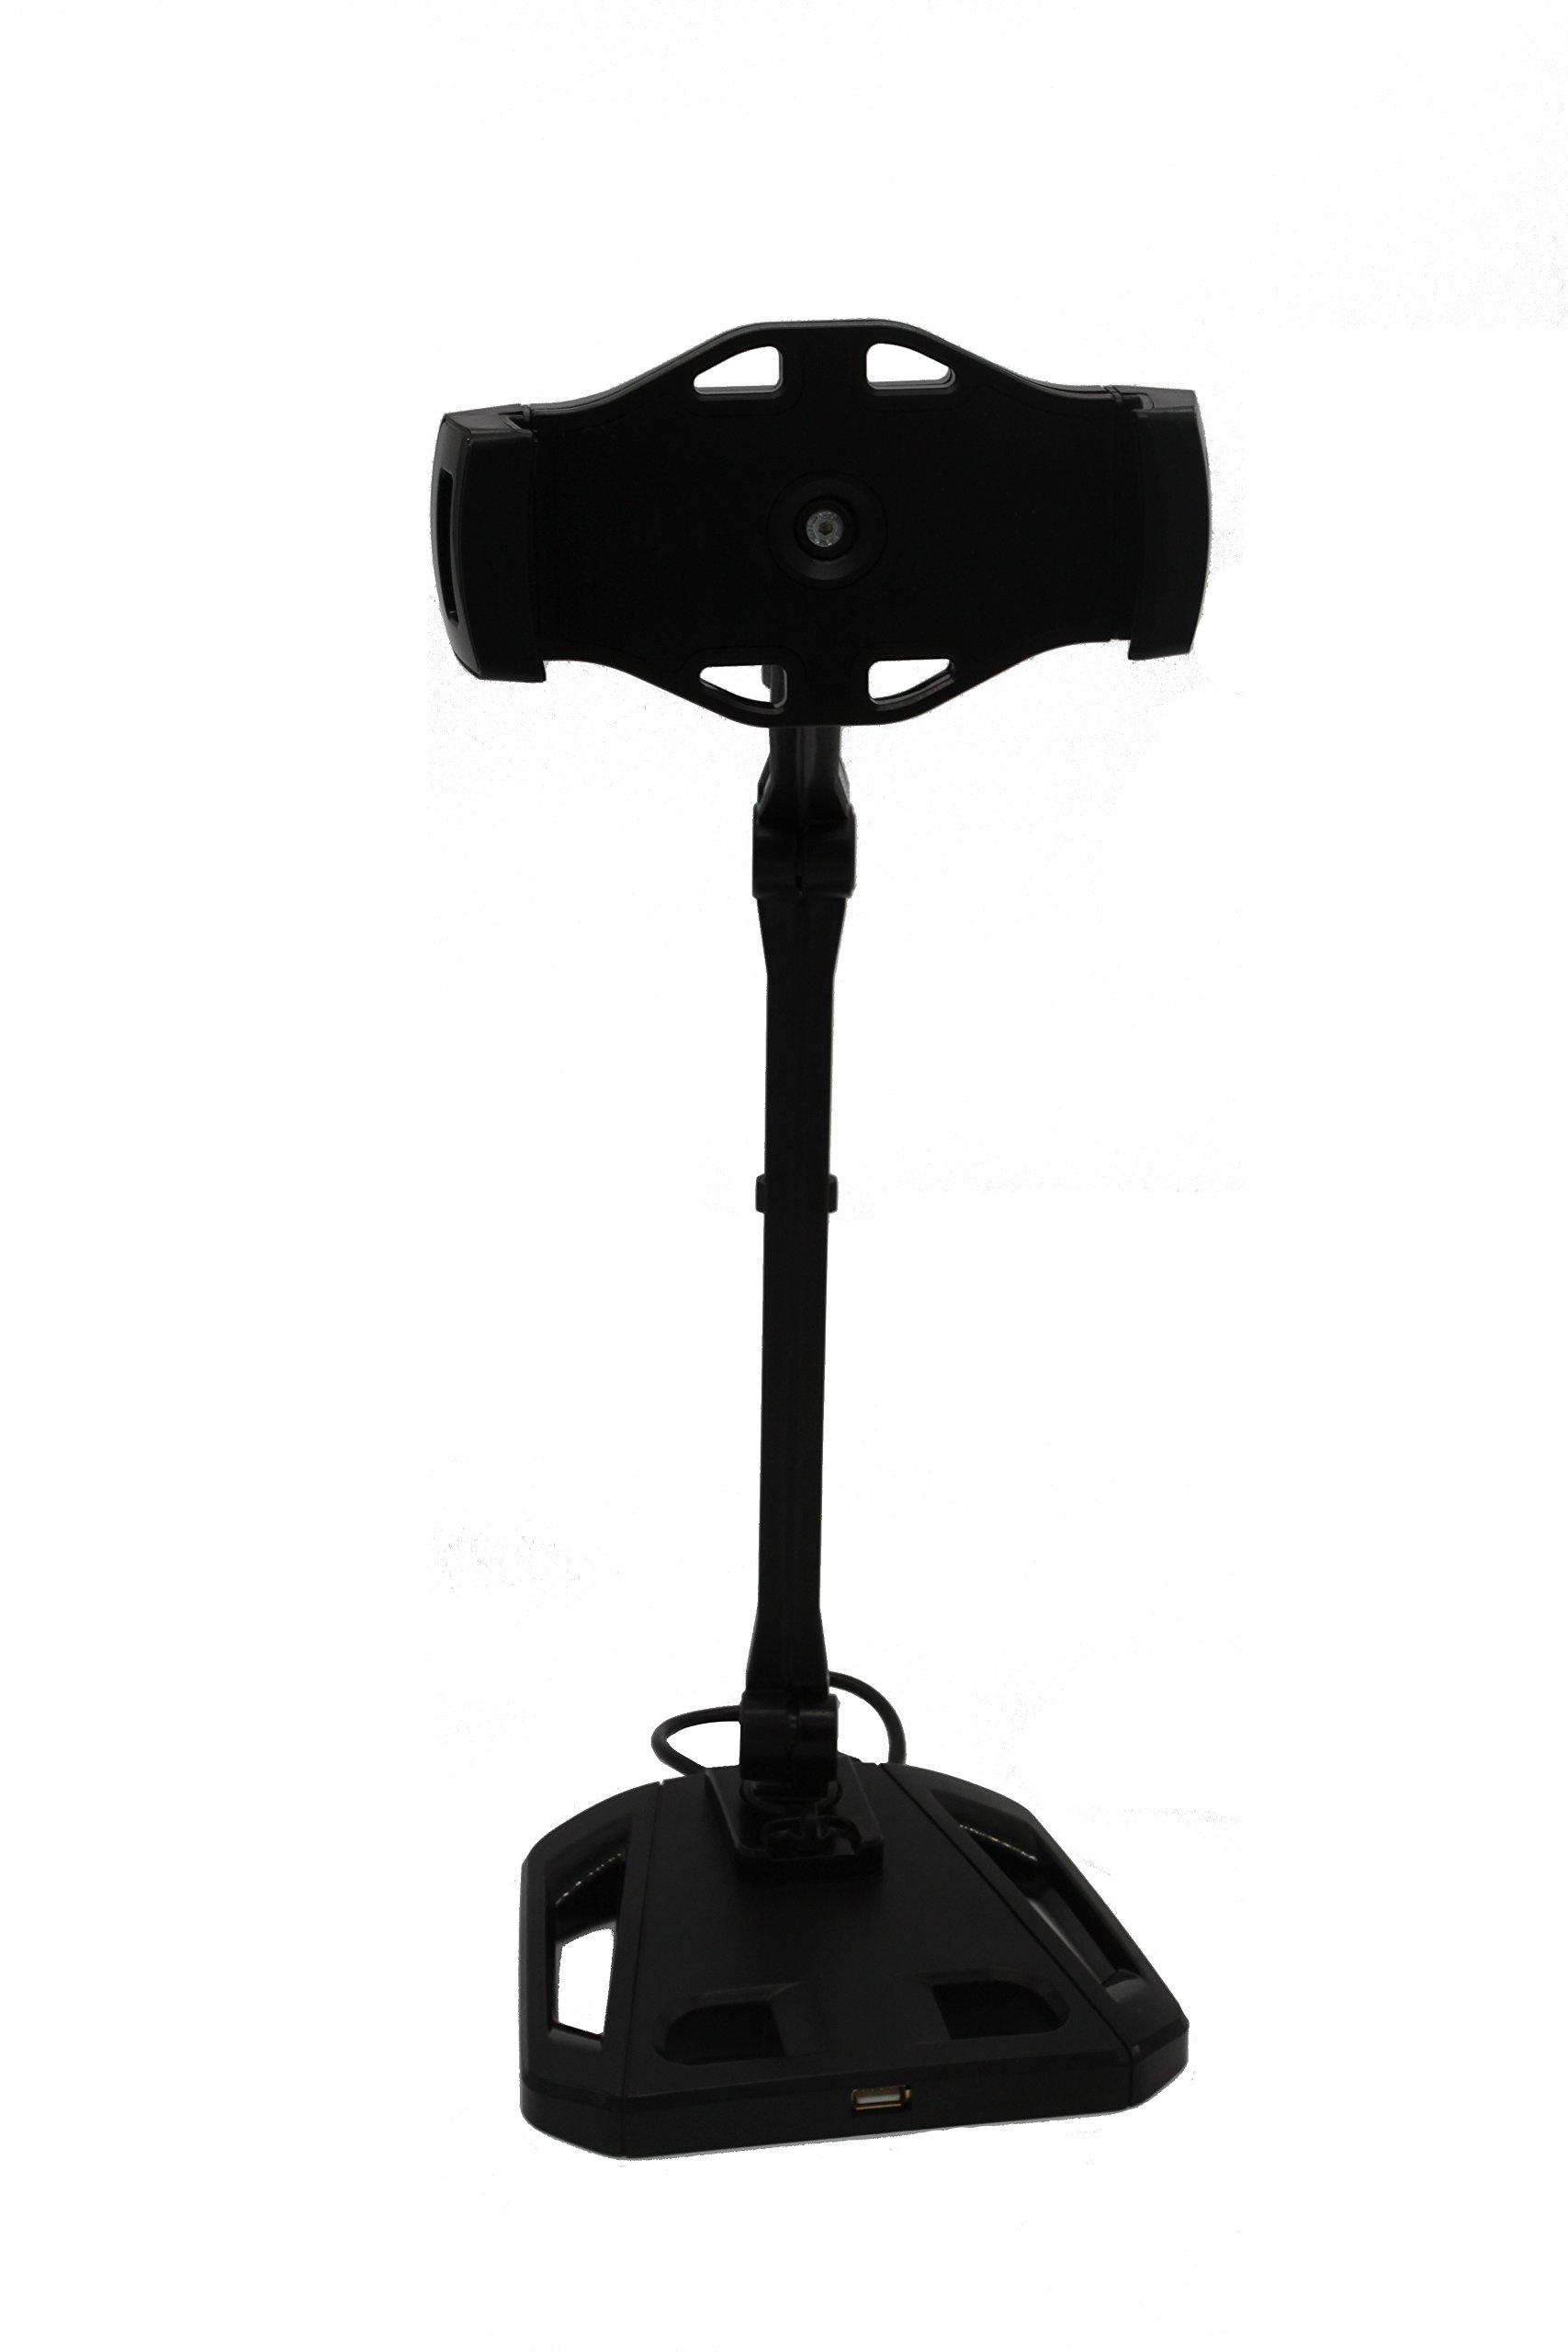 Kingotic Long Arm Tablet Stand Adjustable Stand Desktop Stand Holder (Black)